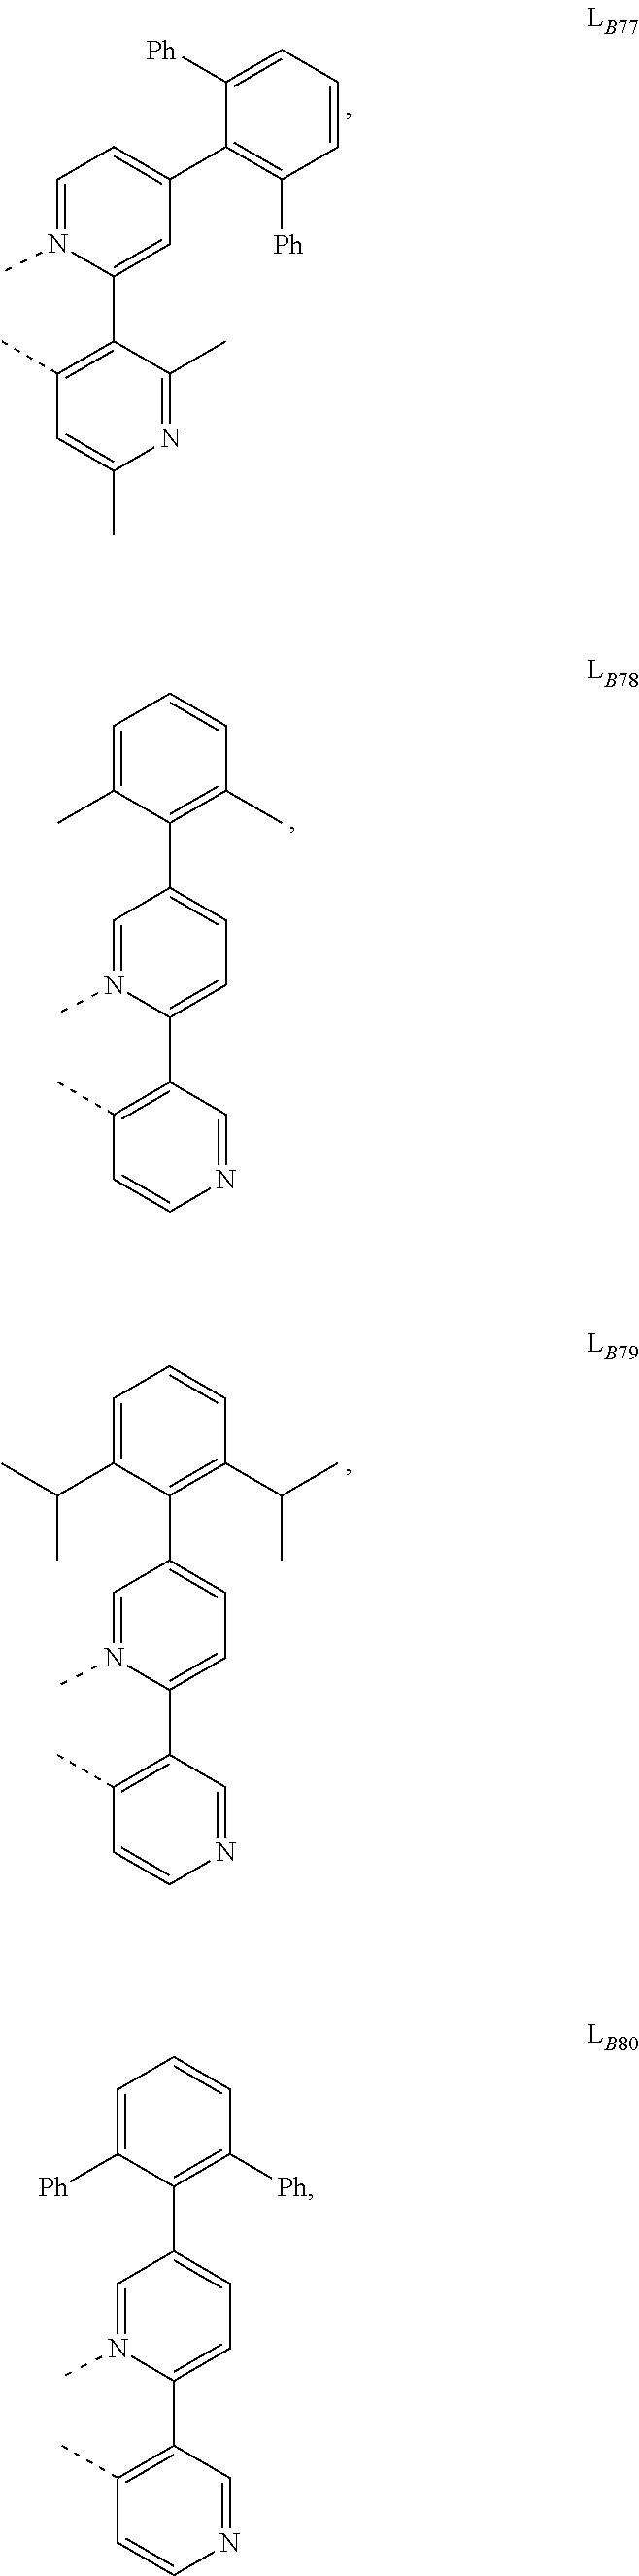 Figure US09905785-20180227-C00120